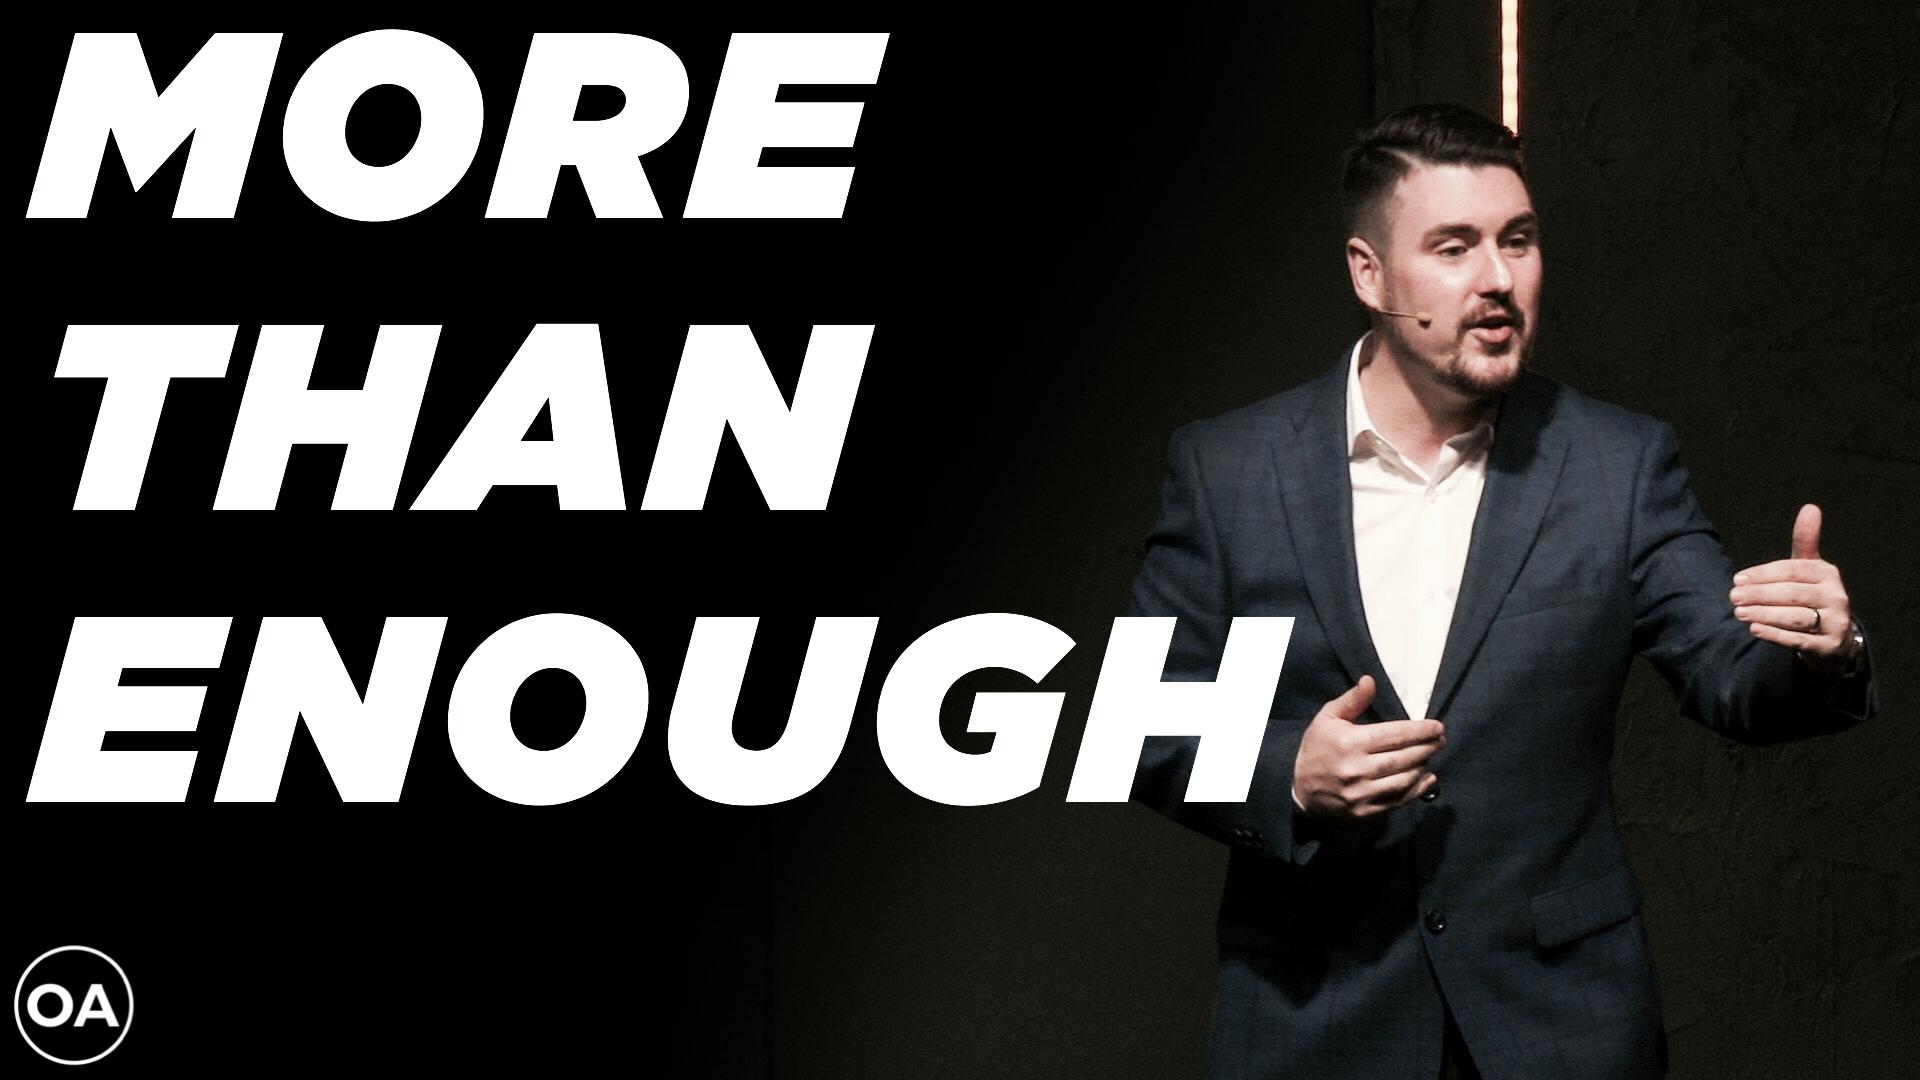 More Than Enough Sean Booth.JPG